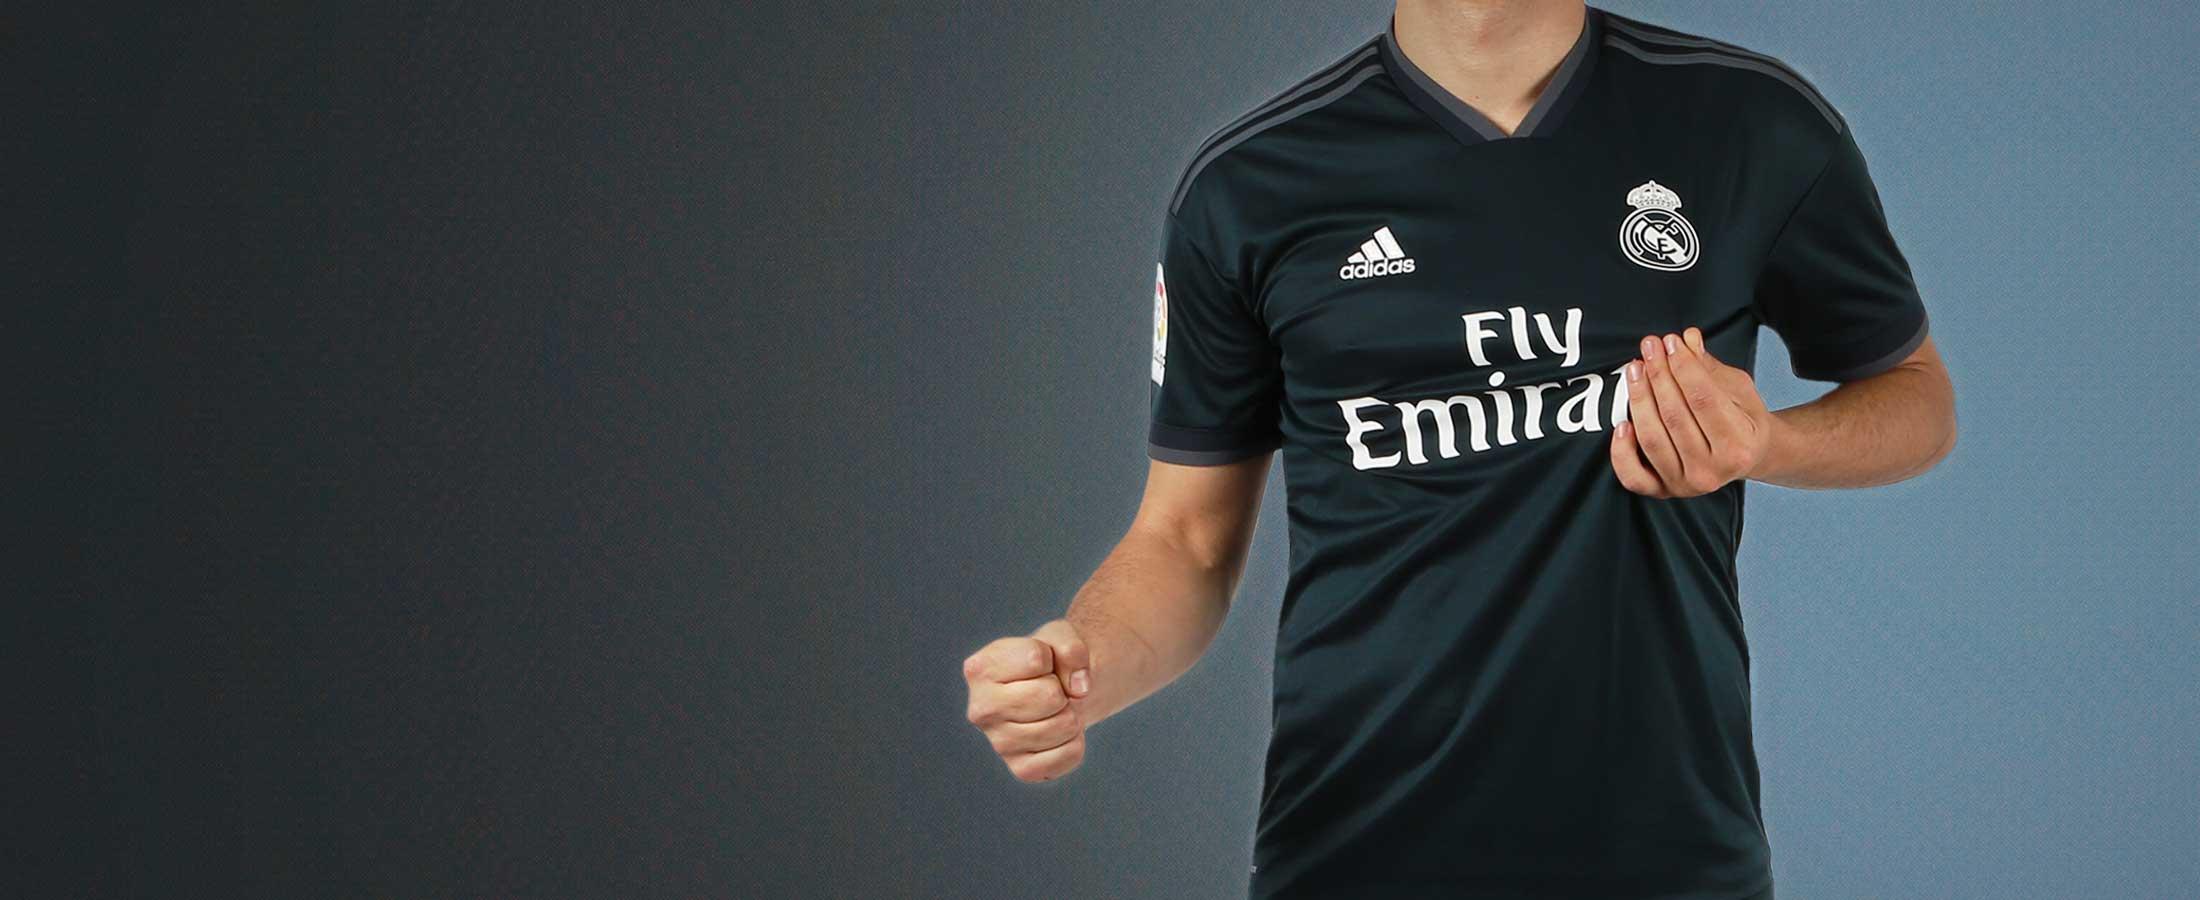 Segunda equipación oficial del Real Madrid